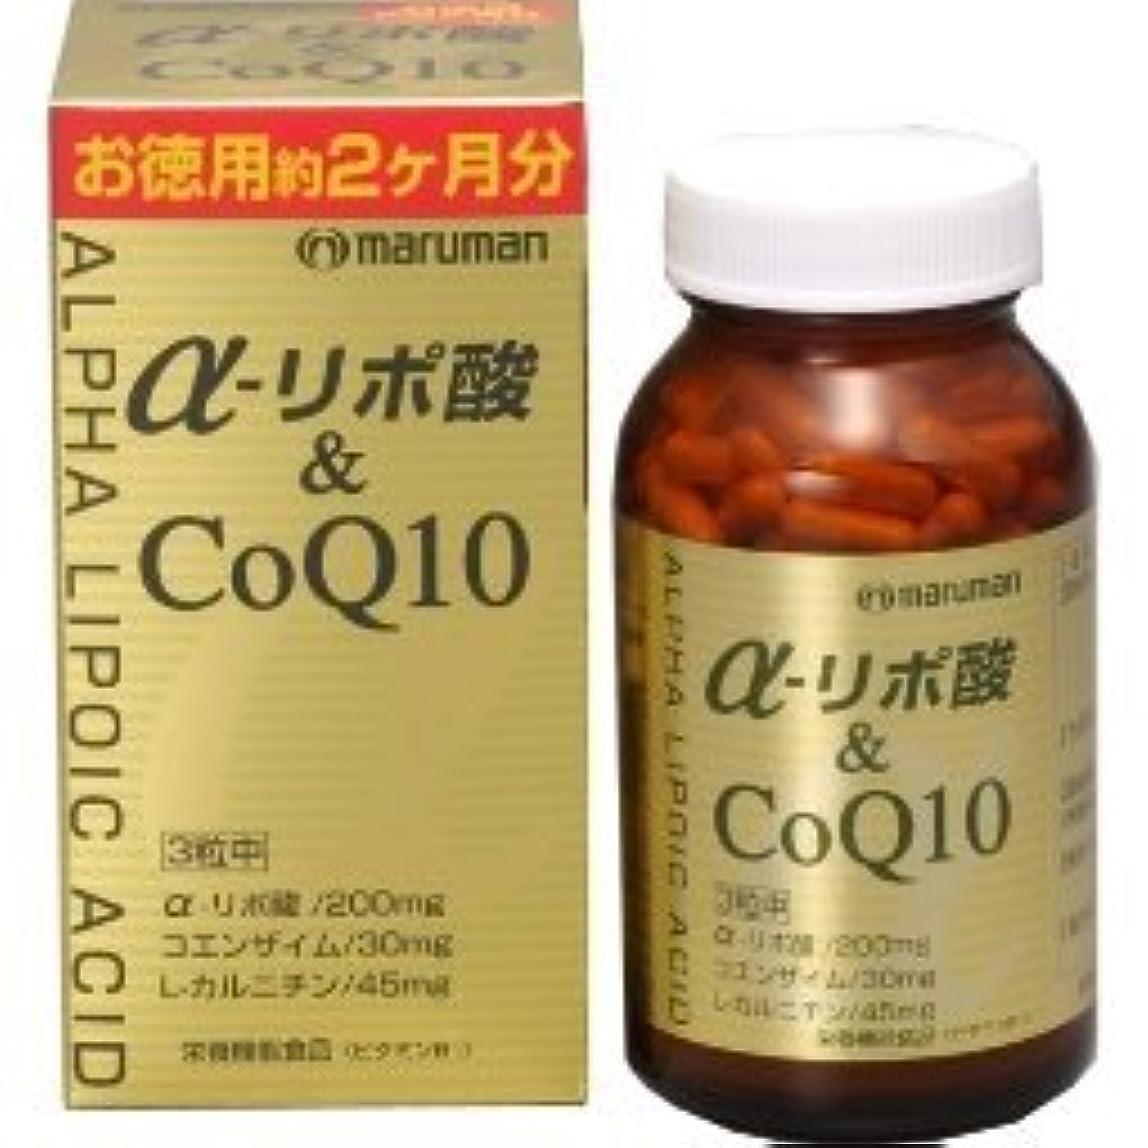 シャッターバーター動くαリポ酸&COQ10 180粒